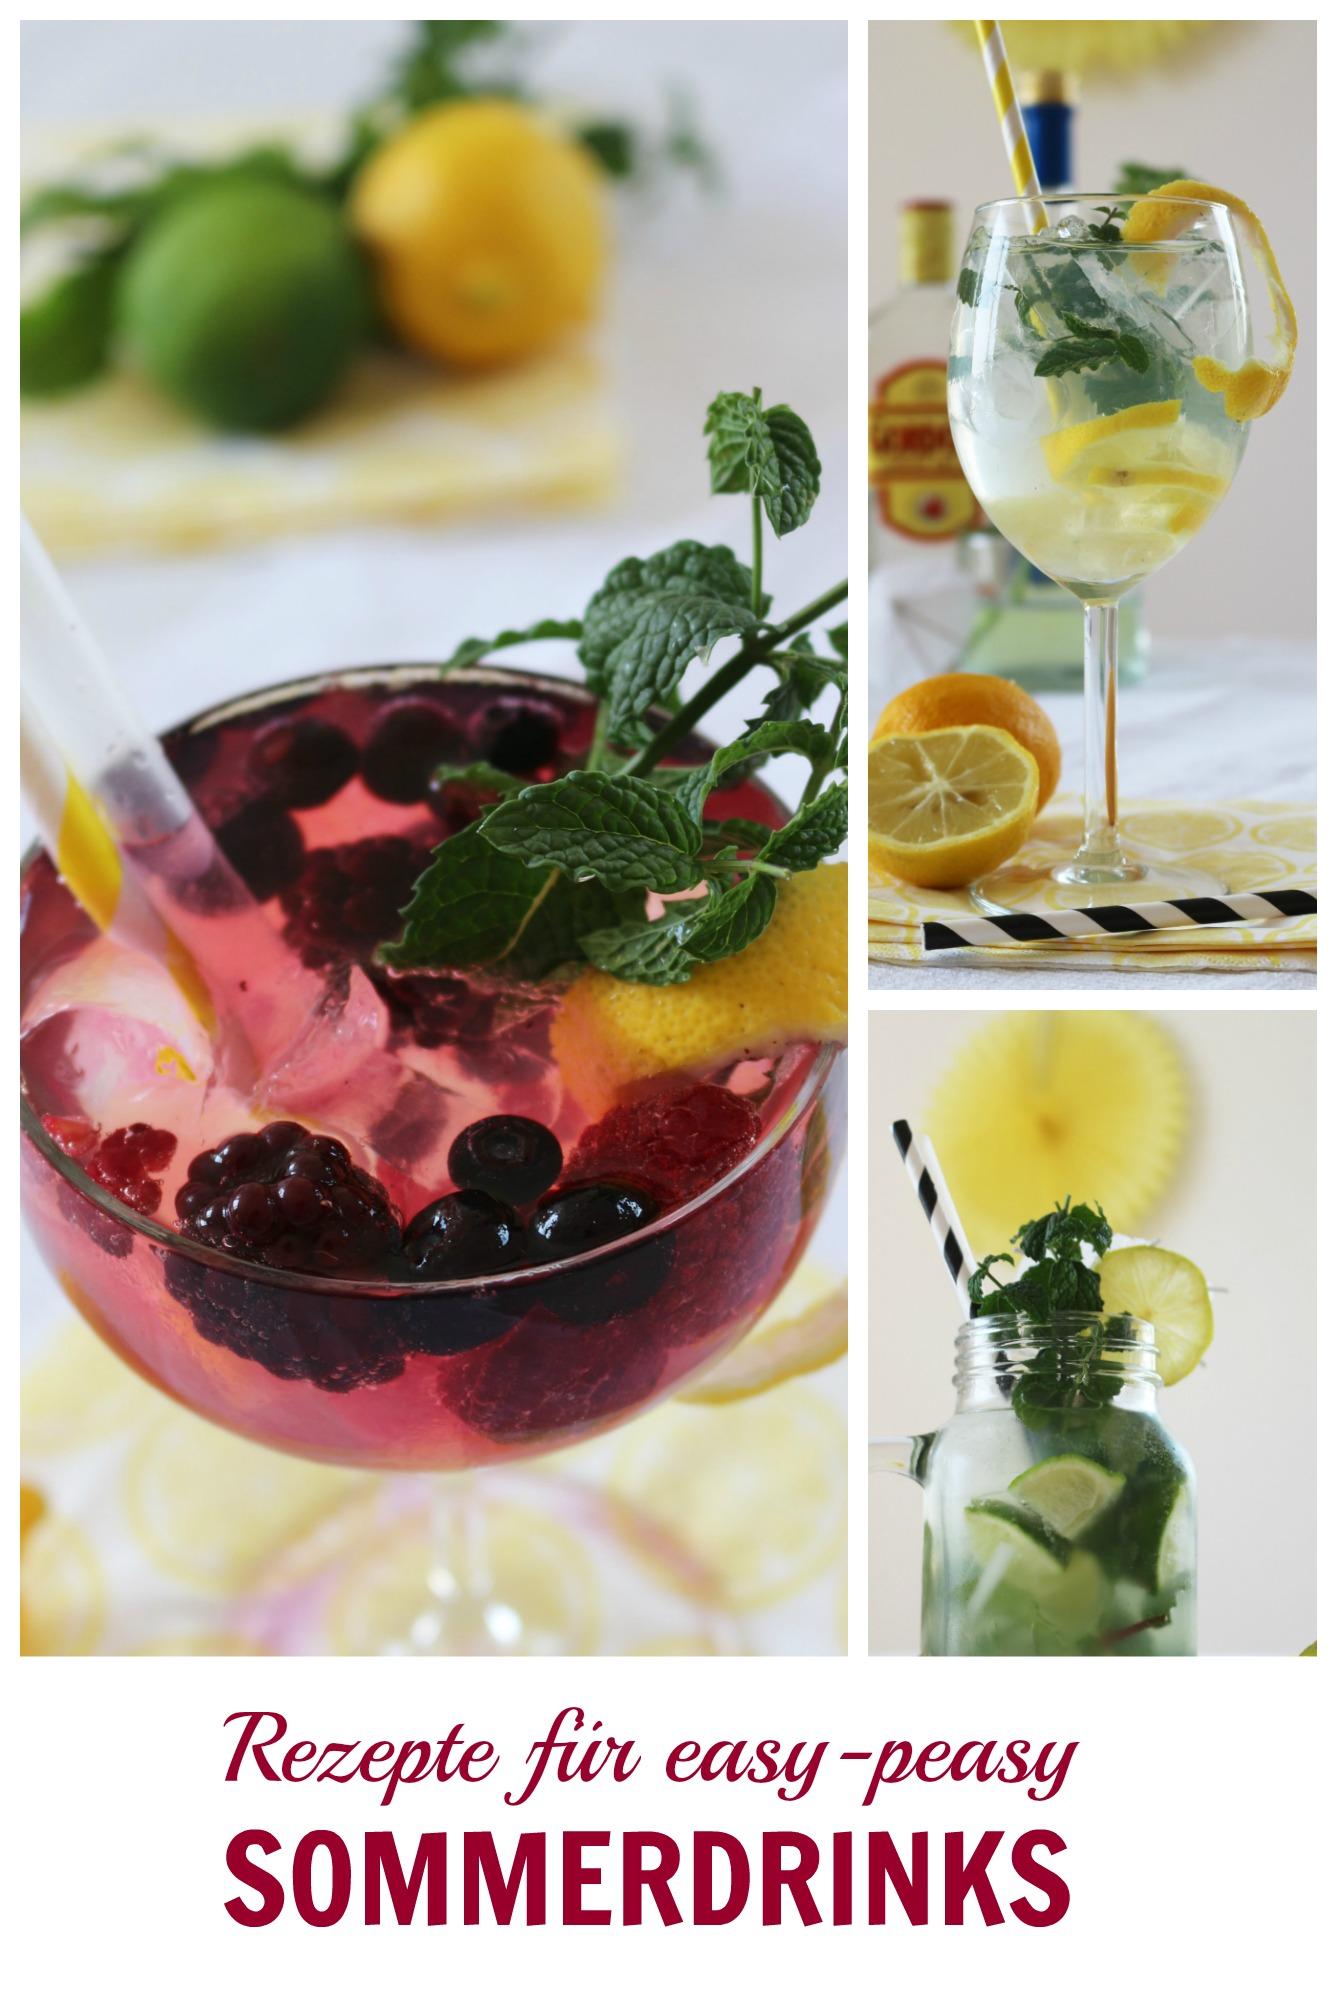 Rezepte für easy-peasy Sommerdrinks